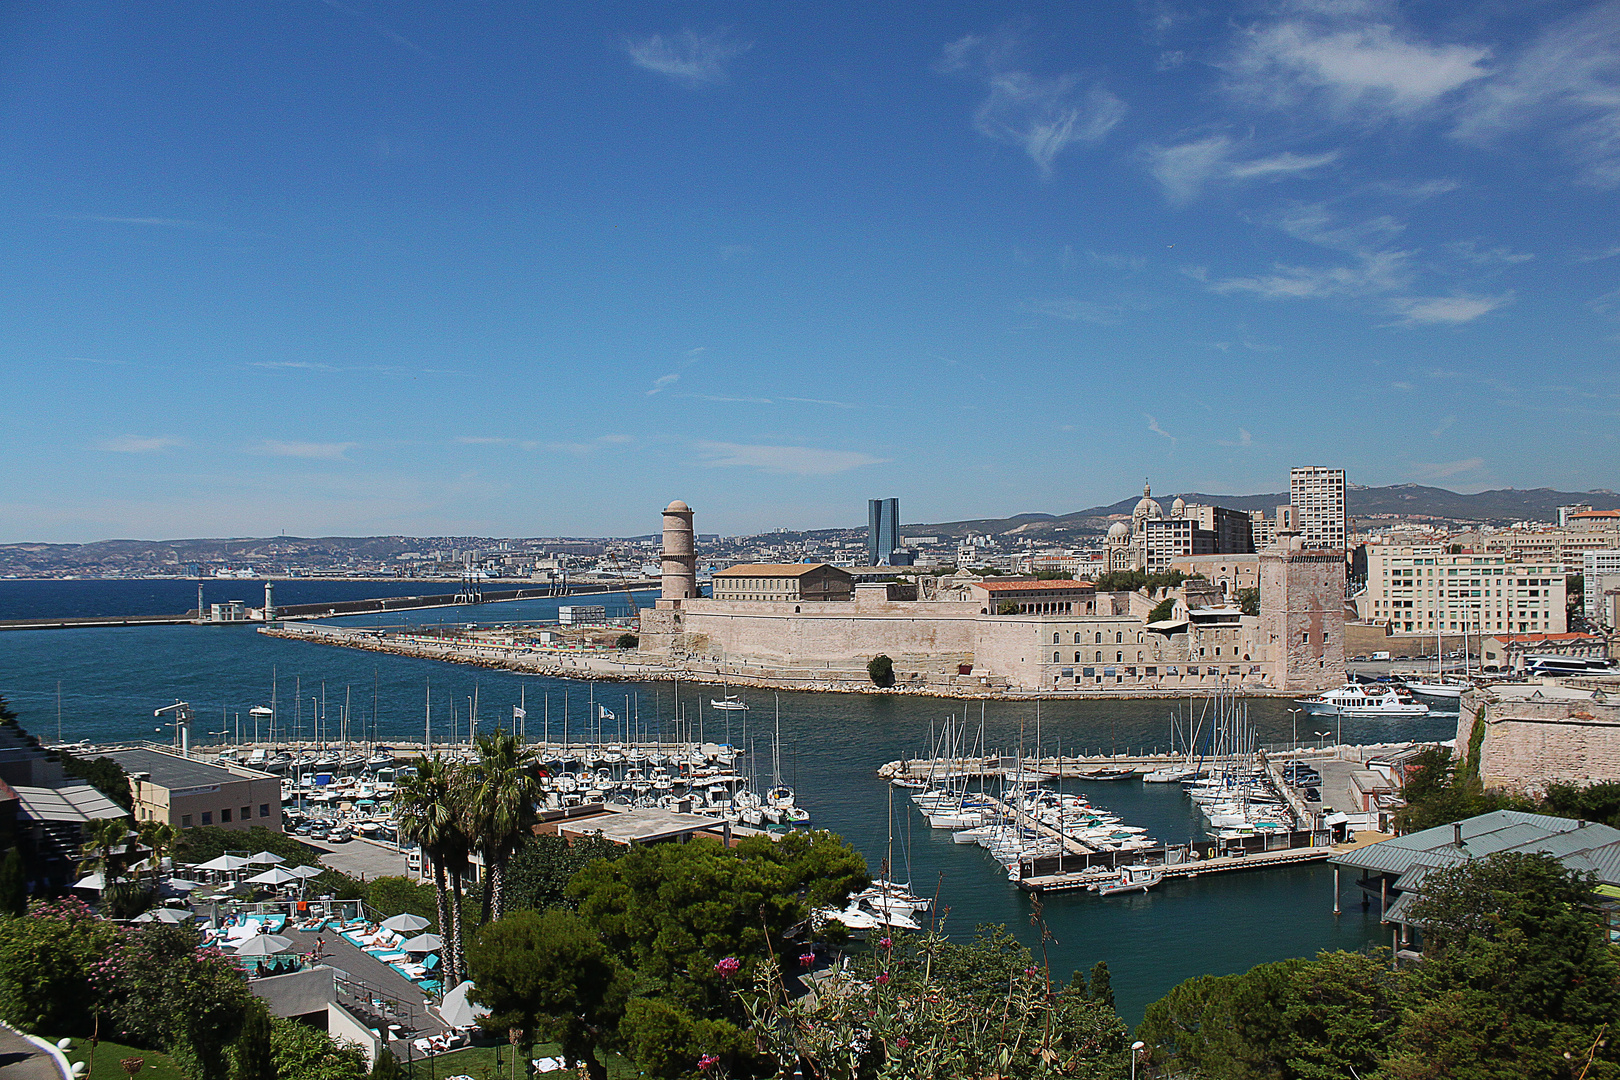 Vue sur le fort de saint jean a Marseille